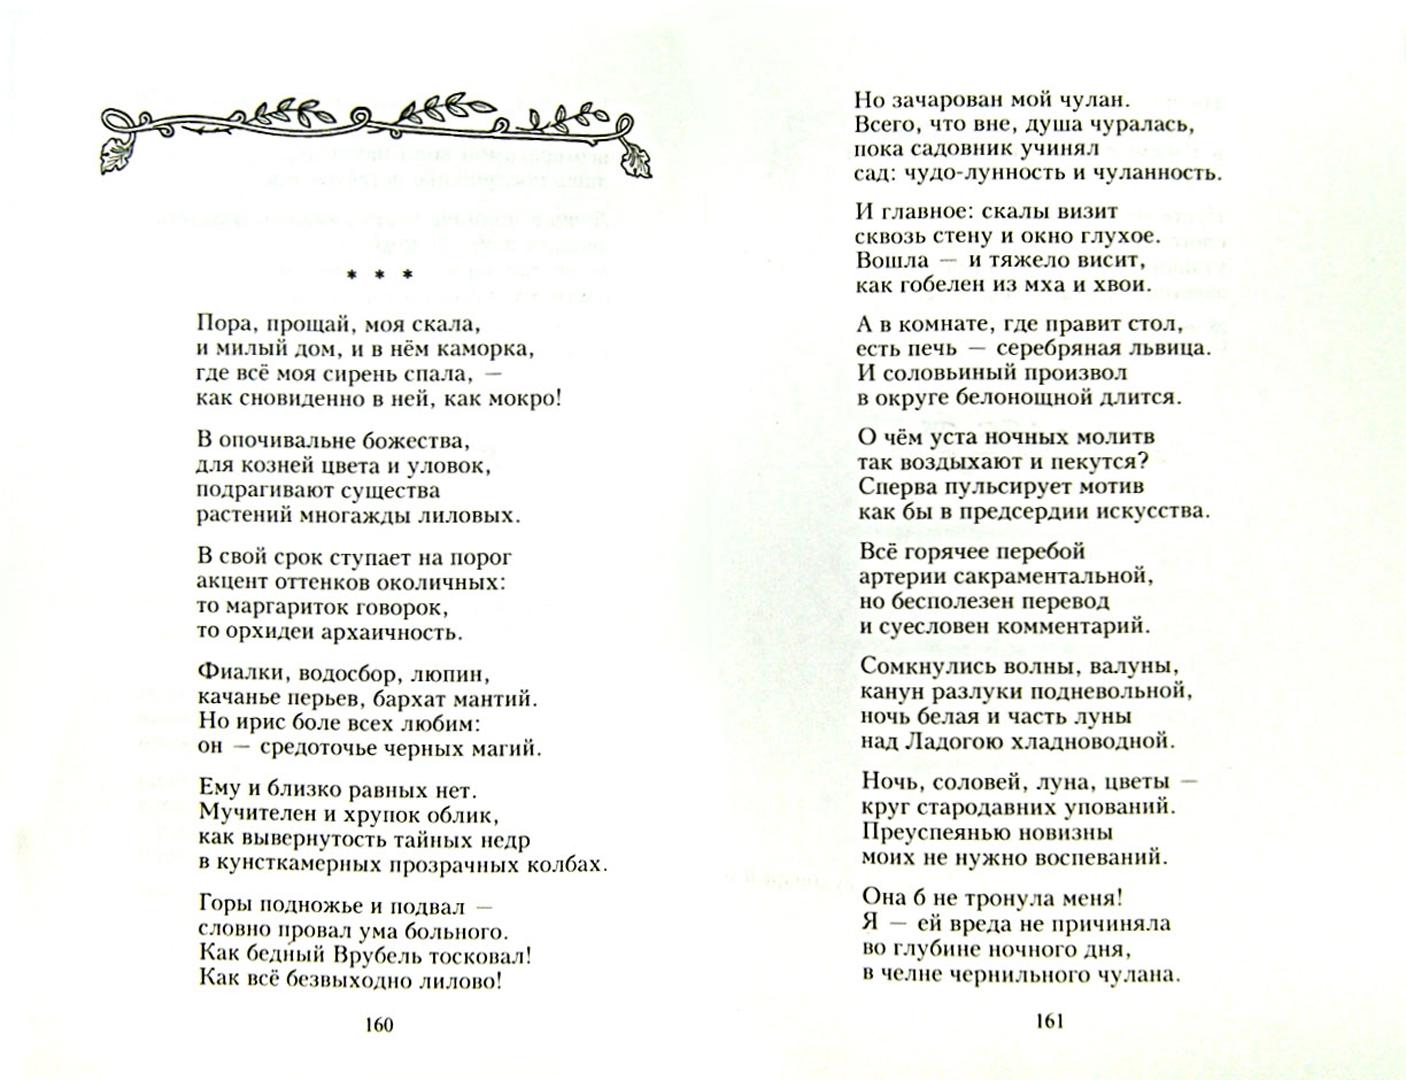 Иллюстрация 1 из 23 для Великие поэты мира. Белла Ахмадулина - Белла Ахмадулина | Лабиринт - книги. Источник: Лабиринт